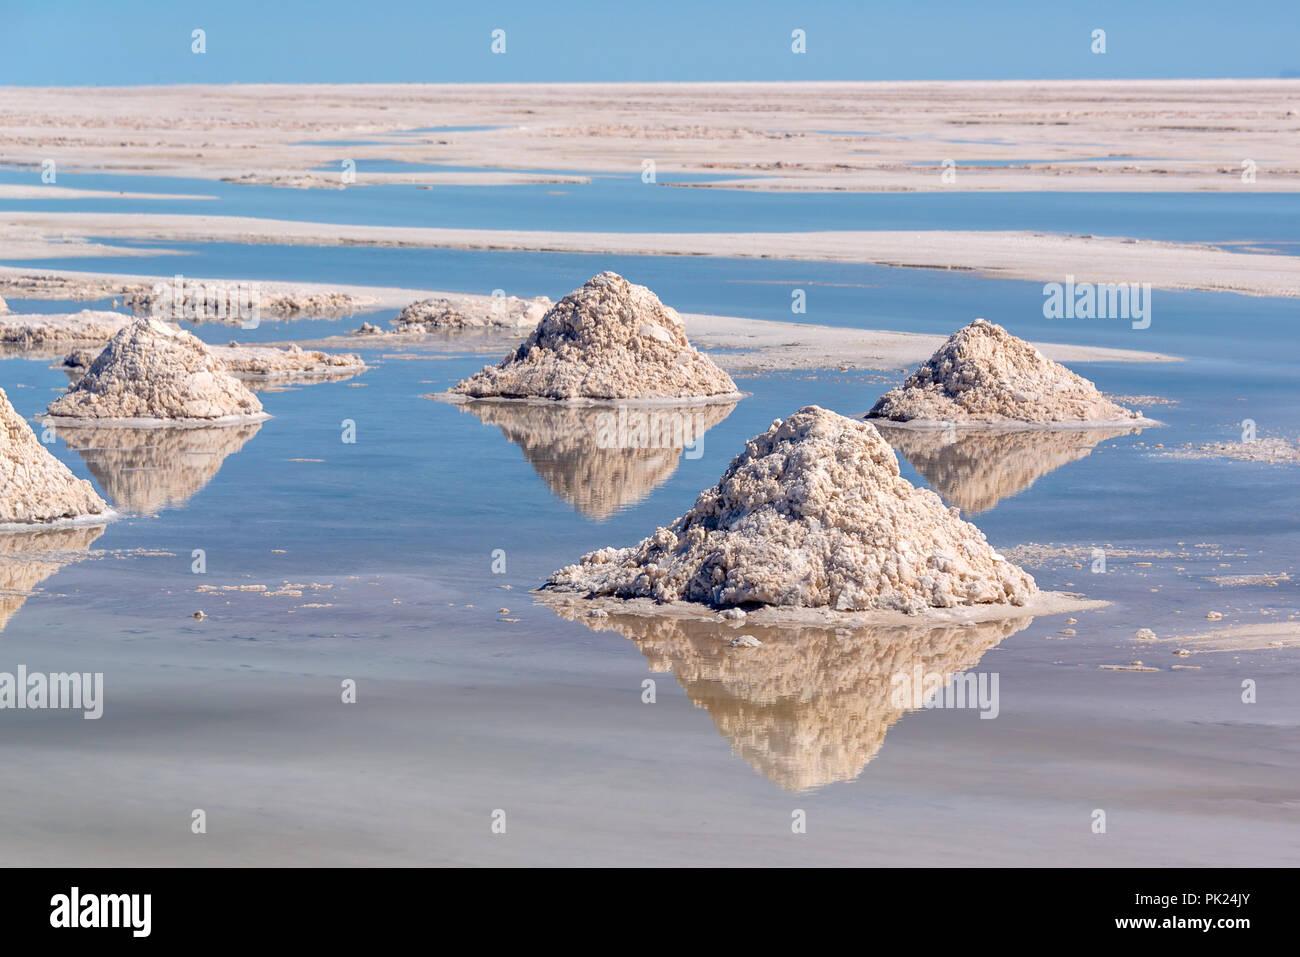 Los montones de sal en el Salar de Uyuni, Potosí, Bolivia Imagen De Stock